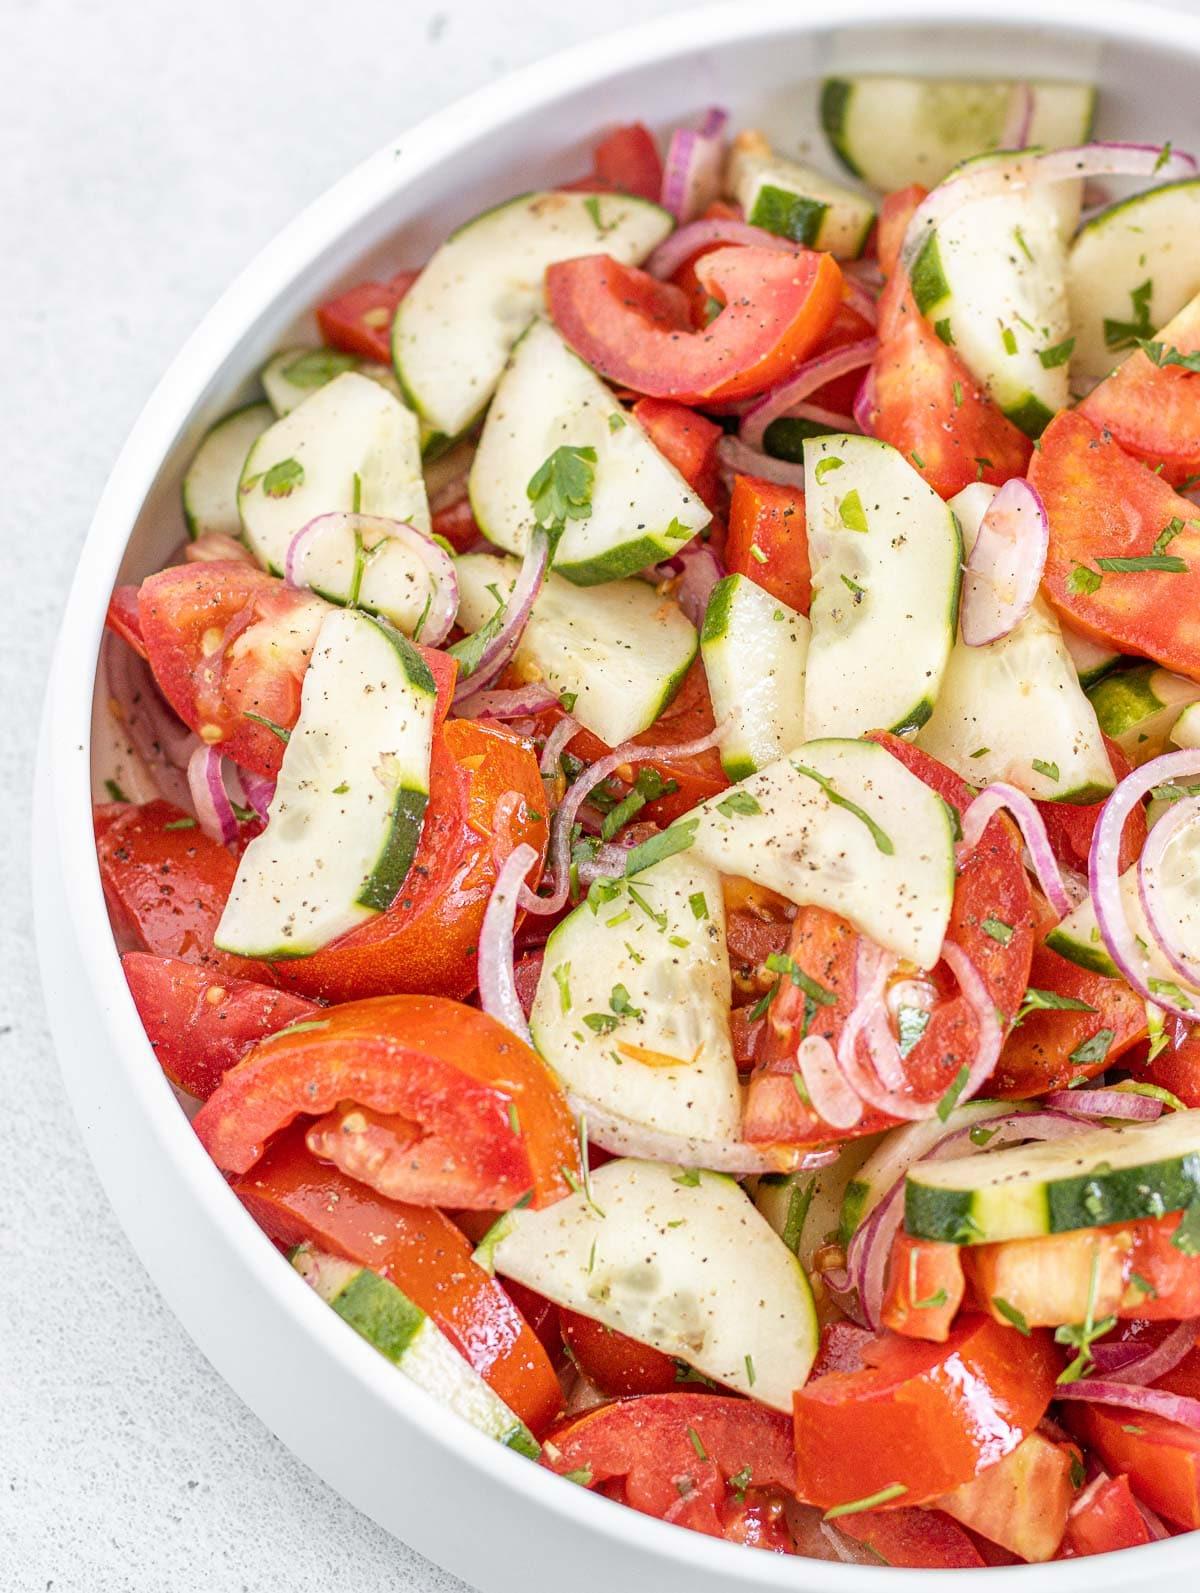 insalata di pomodori, cetrioli e cipolle